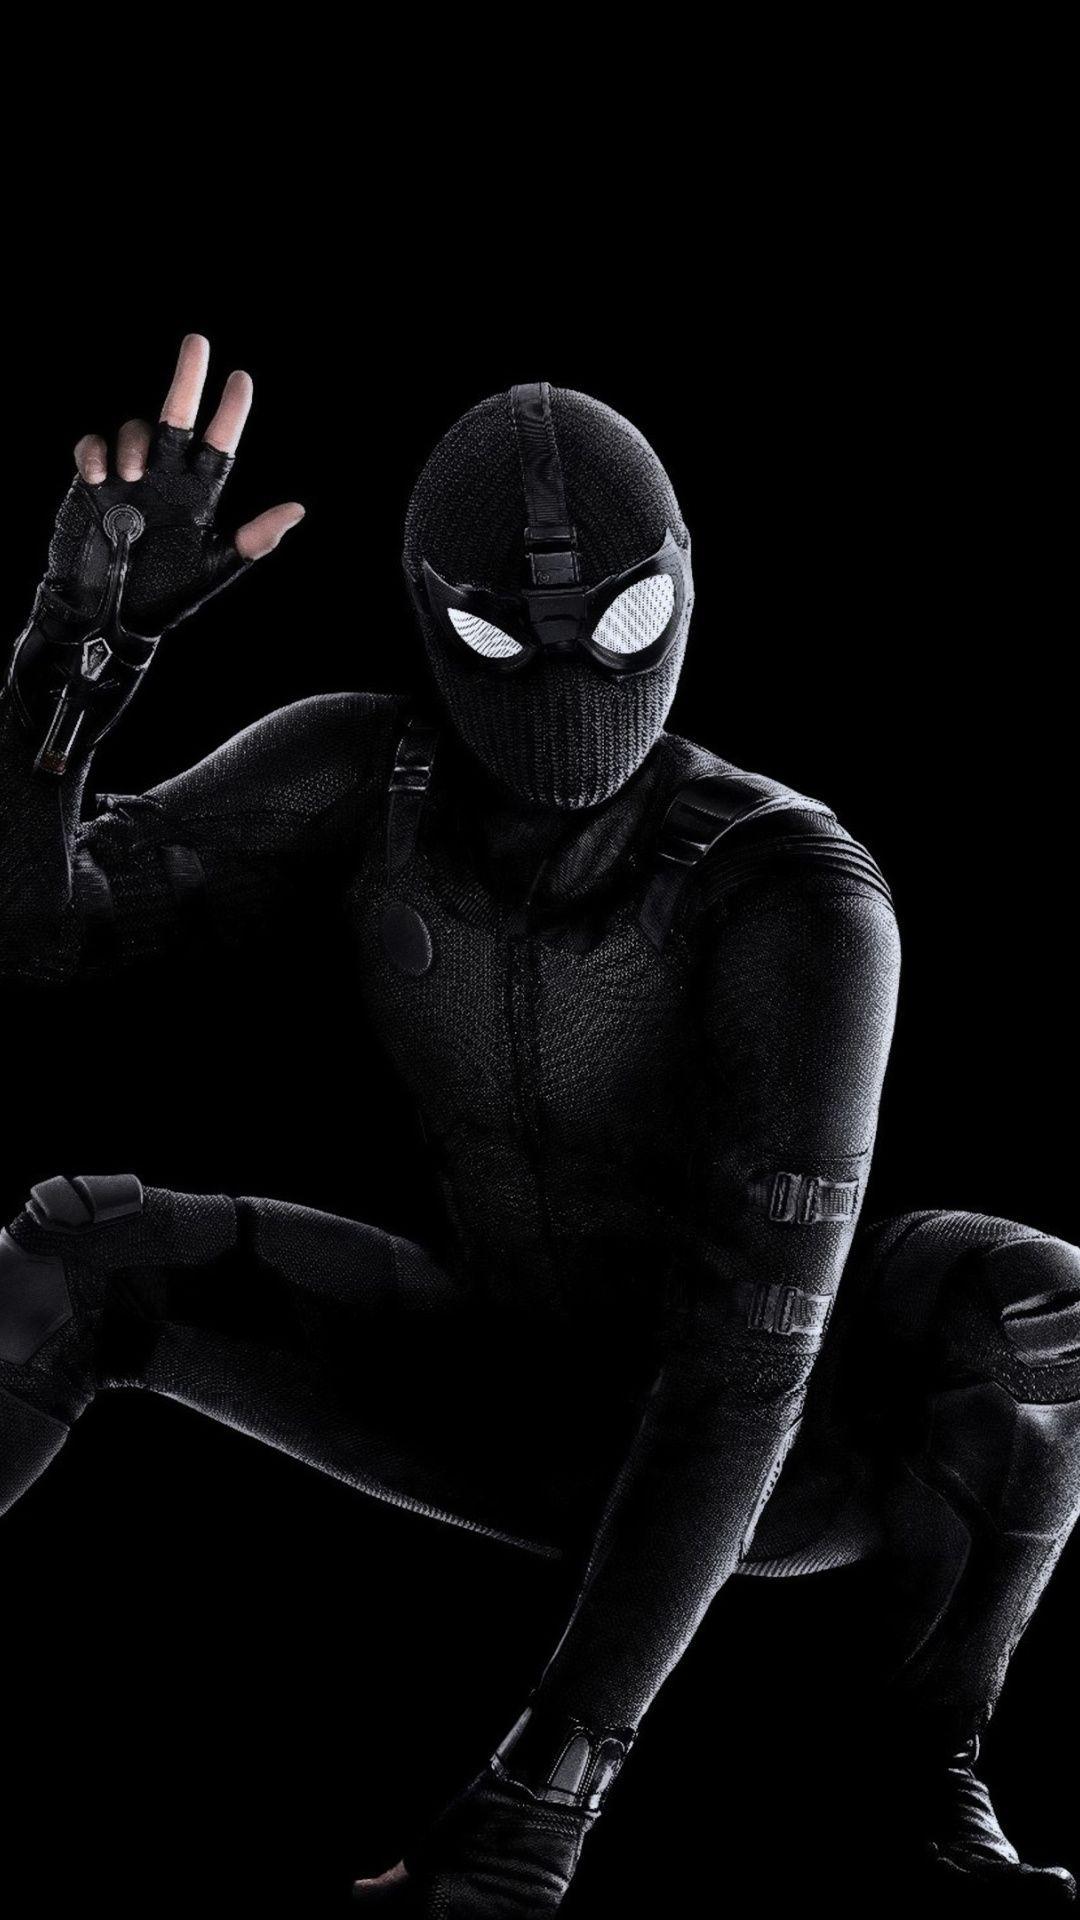 Gamephotographers adlı kullanıcının Spiderman panosundaki